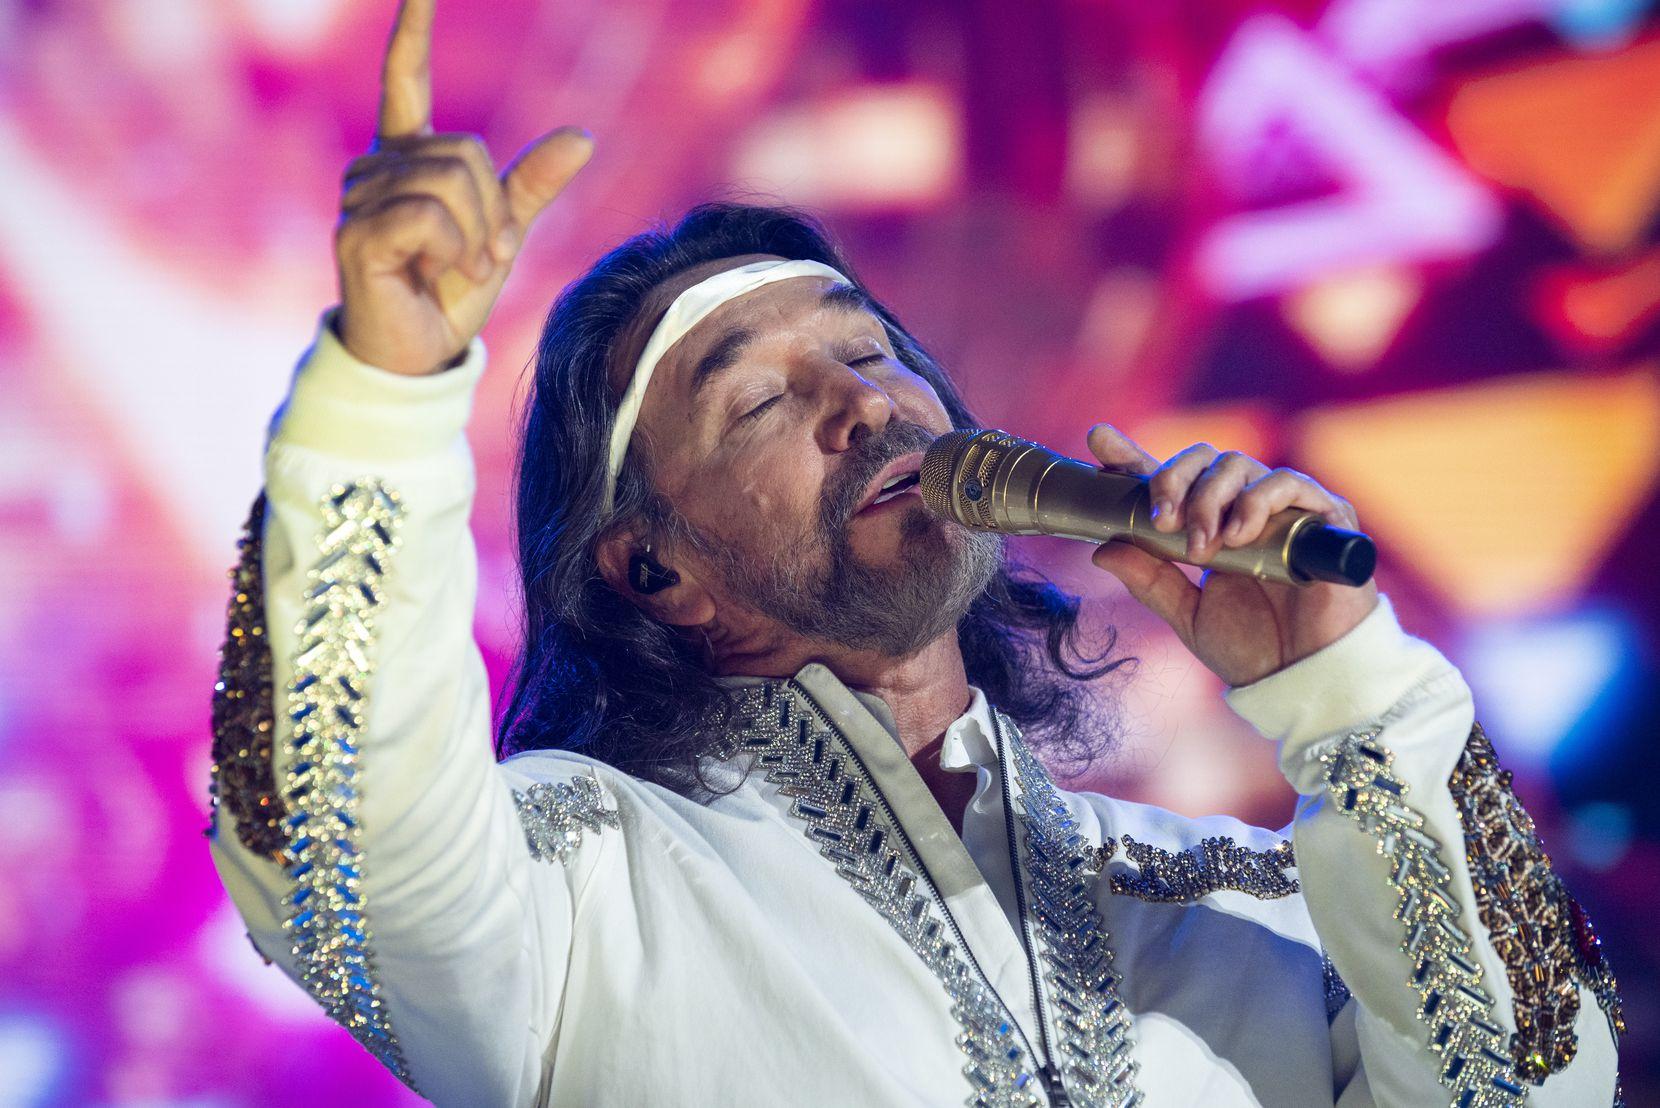 El legendario grupo mexicano Los Bukis se presentó en concierto en el AT&T Stadium de Arlington el miércoles 15 de septiembre de 2021.